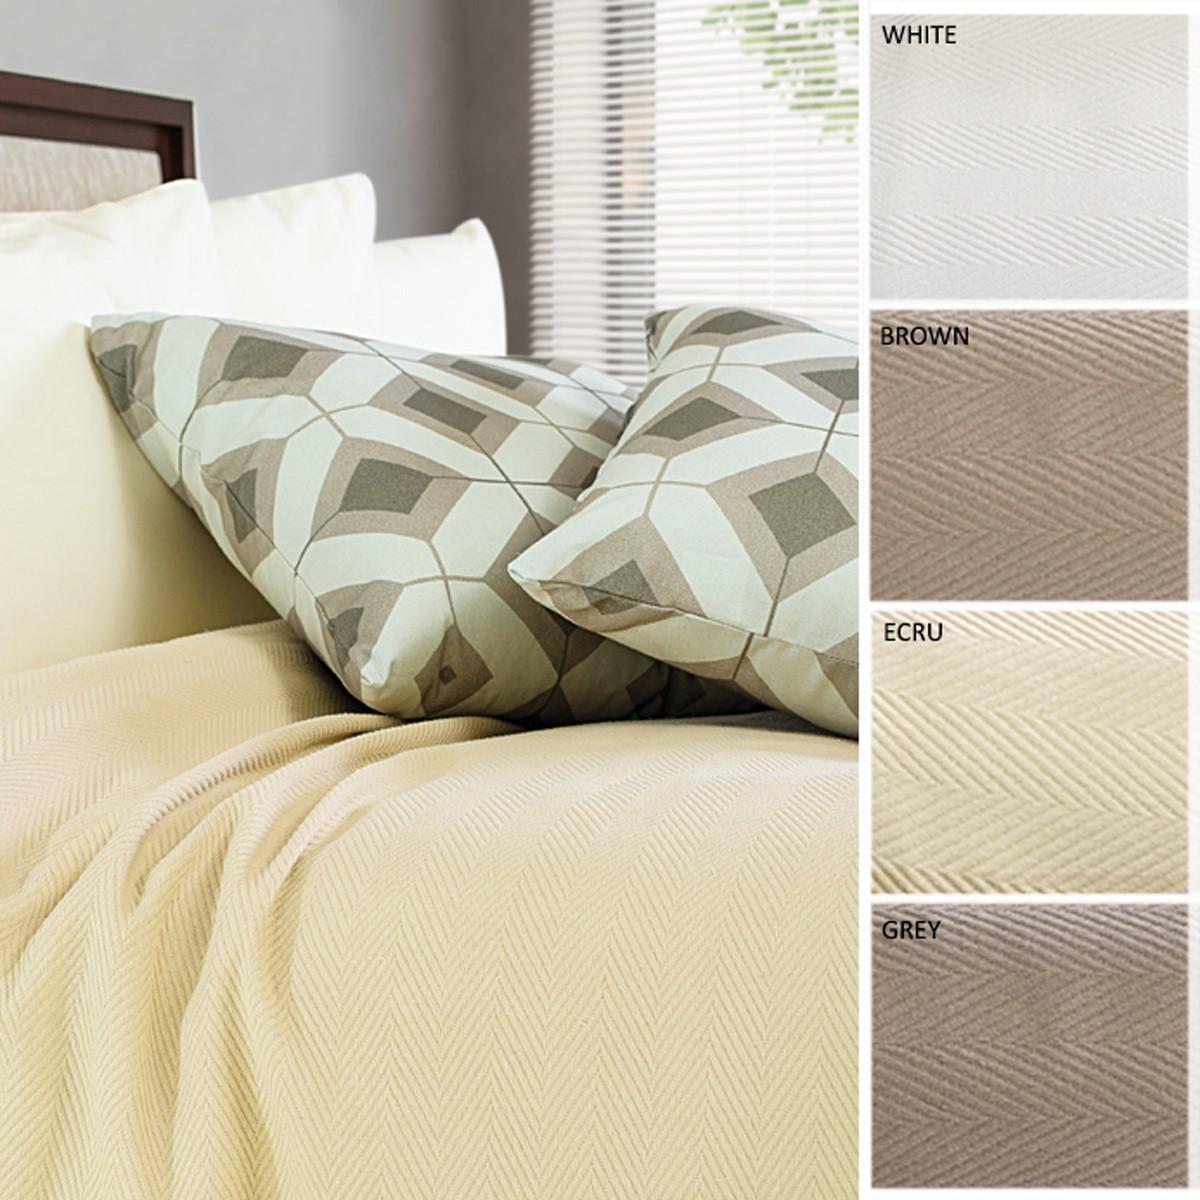 Κουβερτόριο Μονό Vesta 1060 home   κρεβατοκάμαρα   κουβέρτες   κουβέρτες καλοκαιρινές μονές